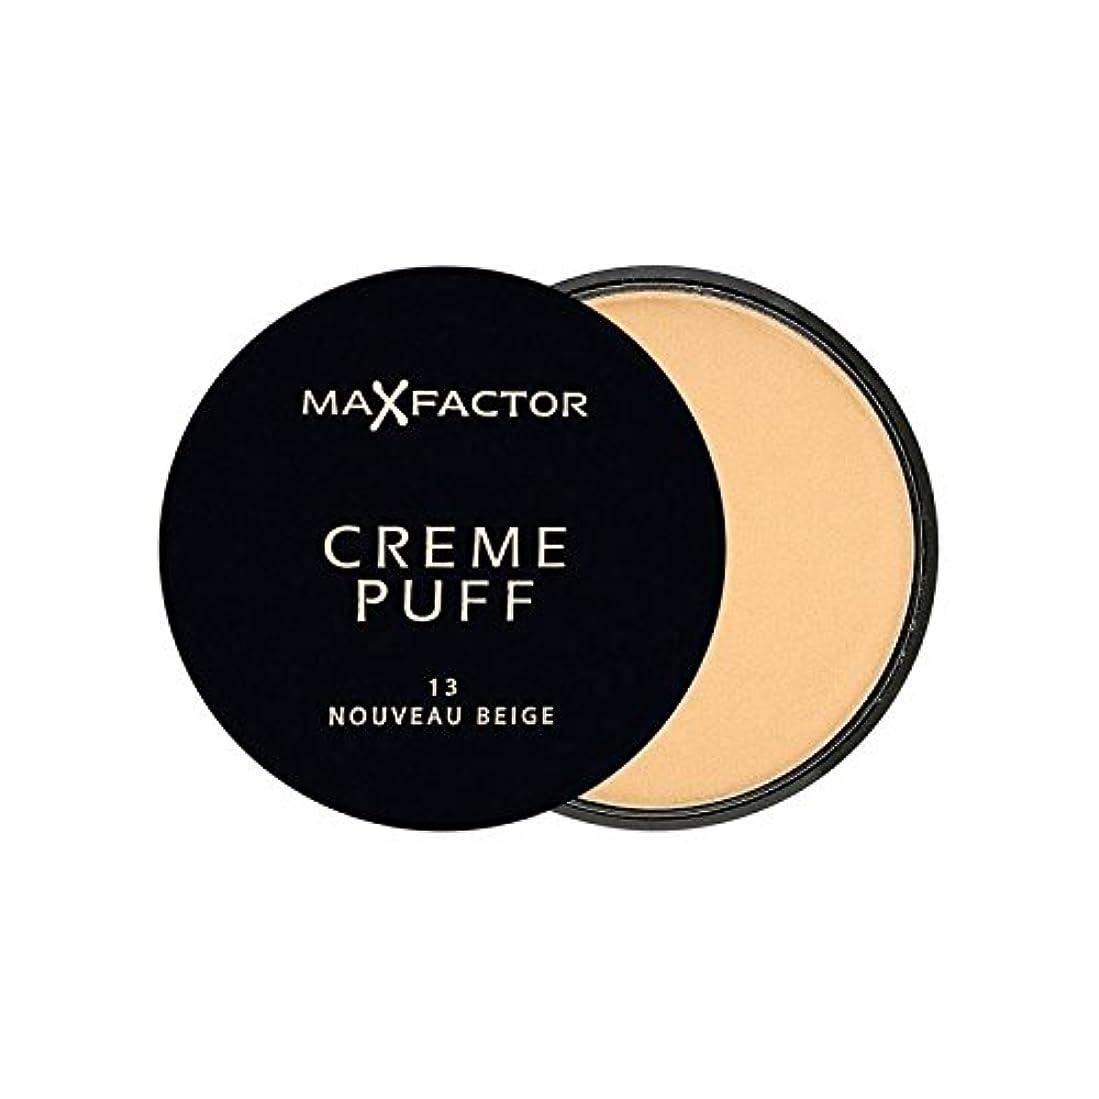 ビデオ市区町村容器マックスファクタークリームパフ粉末コンパクトヌーボーベージュ13 x4 - Max Factor Creme Puff Powder Compact Nouveau Beige 13 (Pack of 4) [並行輸入品]